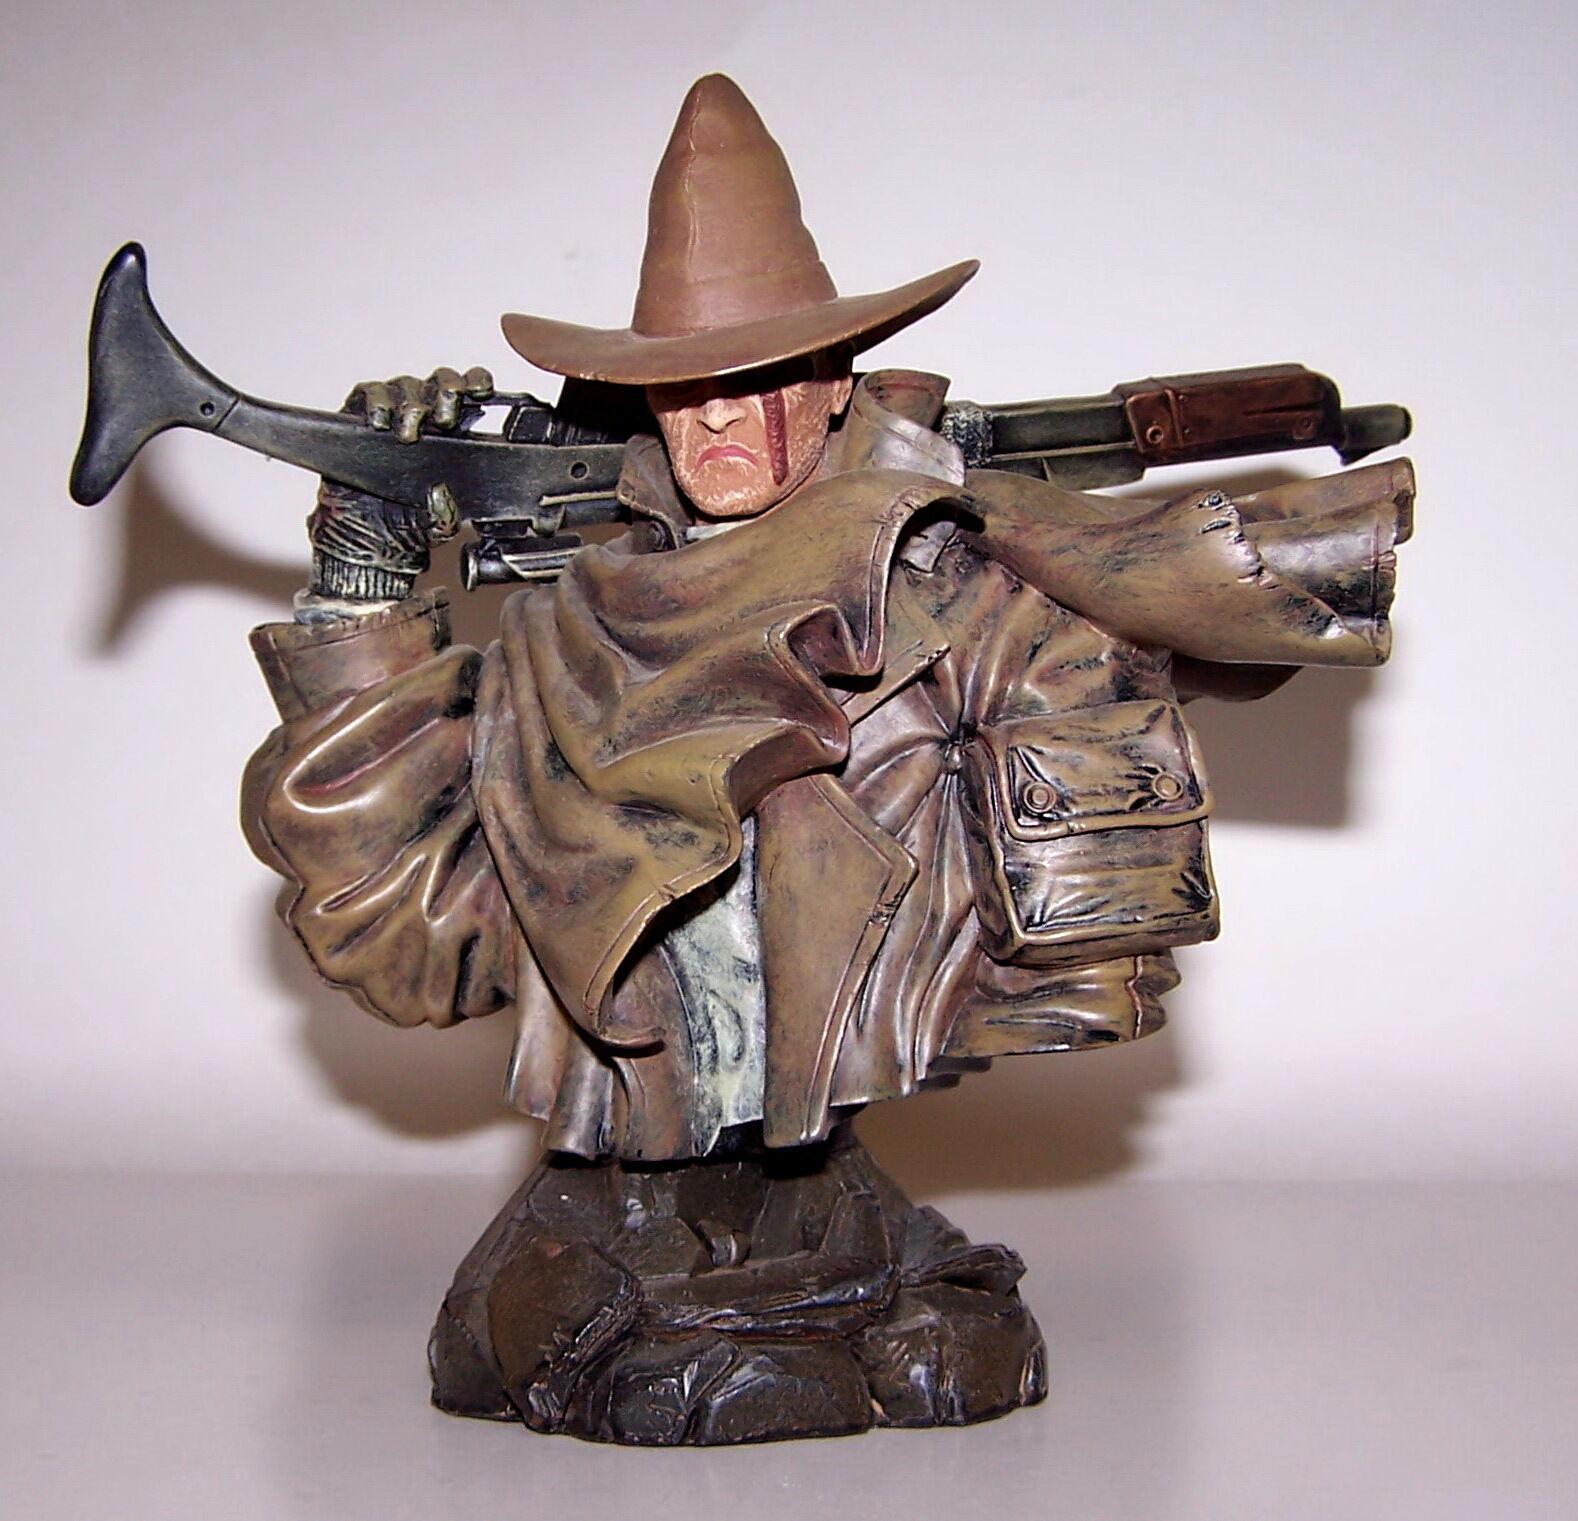 edición limitada en caliente Solo un un un peregrino Busto de porcelana pintada a mano fría fundido le Toro Negro Nuevos En Caja 2001  alta calidad y envío rápido